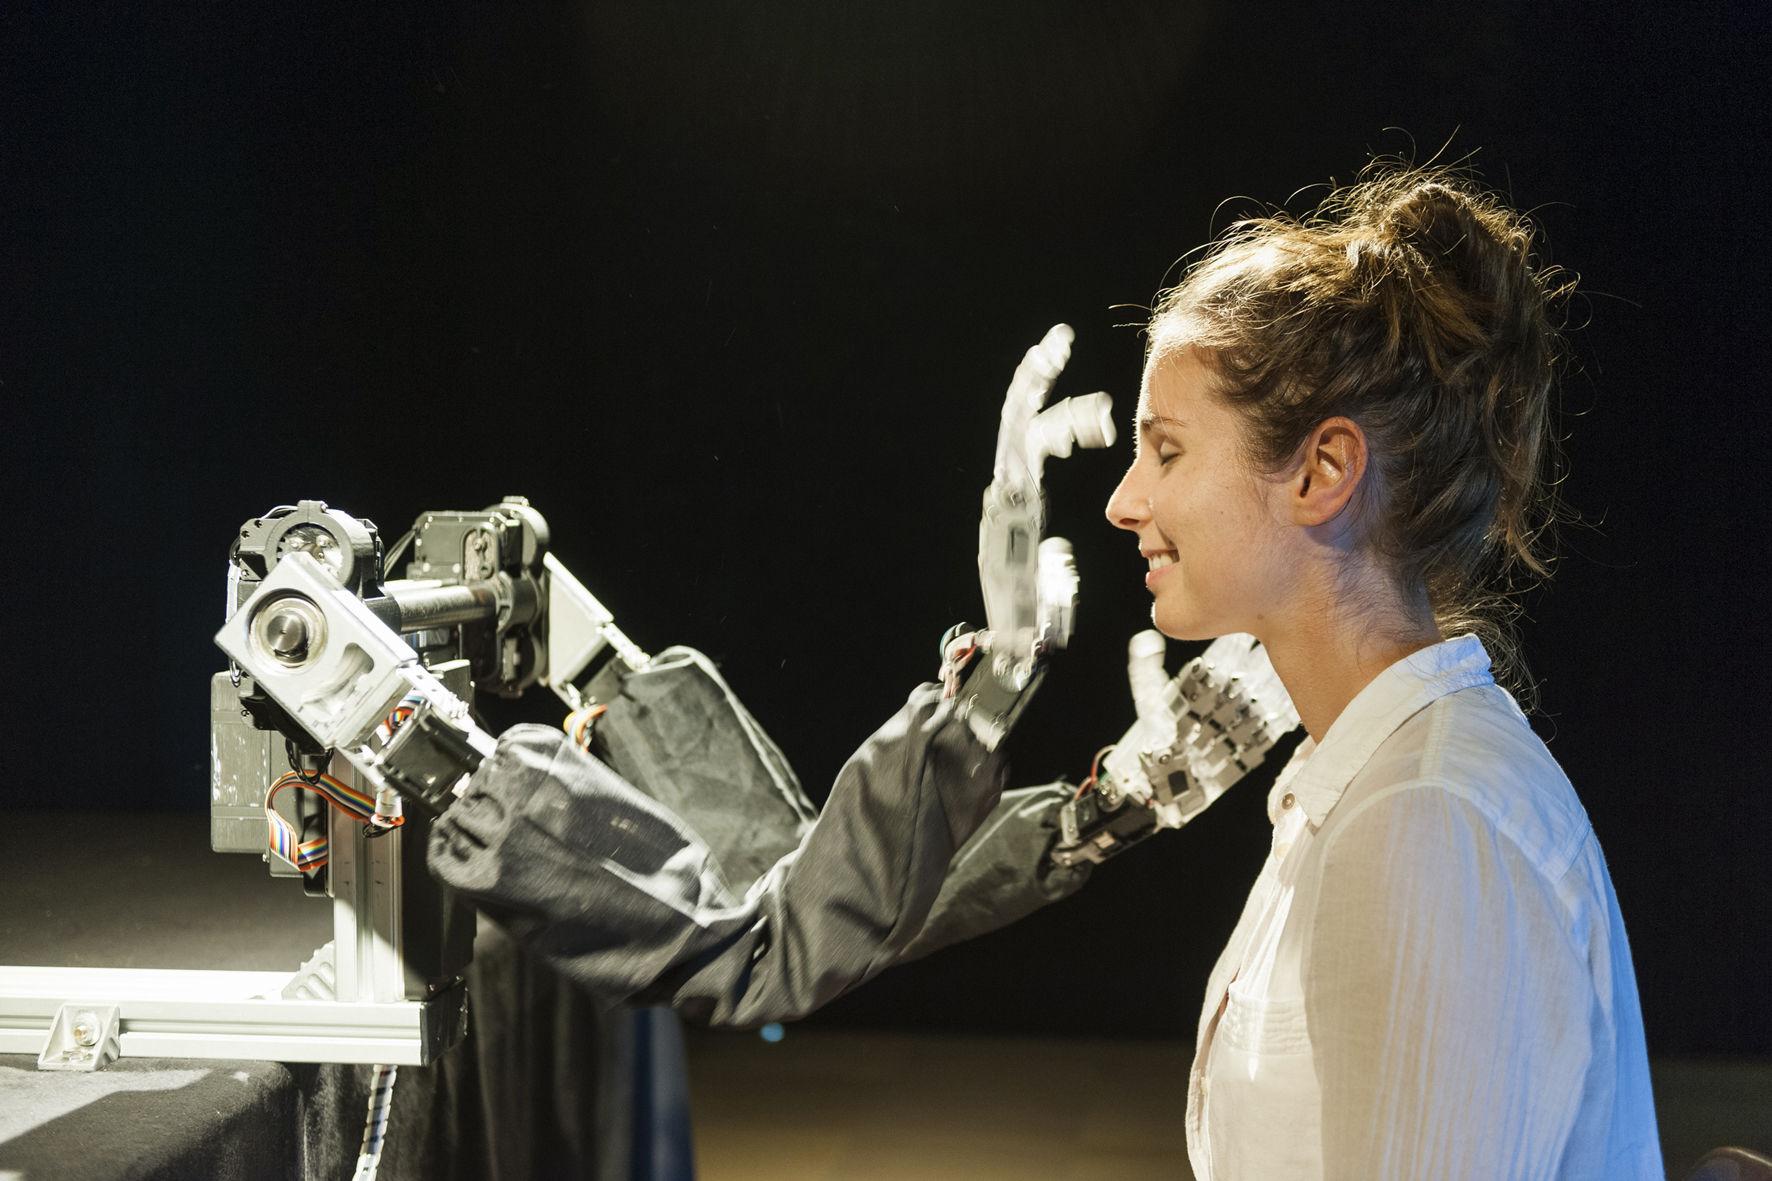 Луи-Филипп Демер (Сингапур), «Слепой робот». Робототехнический агент, тактильно взаимодействующий с посетителем выставки. При поддержке Технологического университета Наньянг (Сингапур) ©Фото Луи-Филиппа Демера